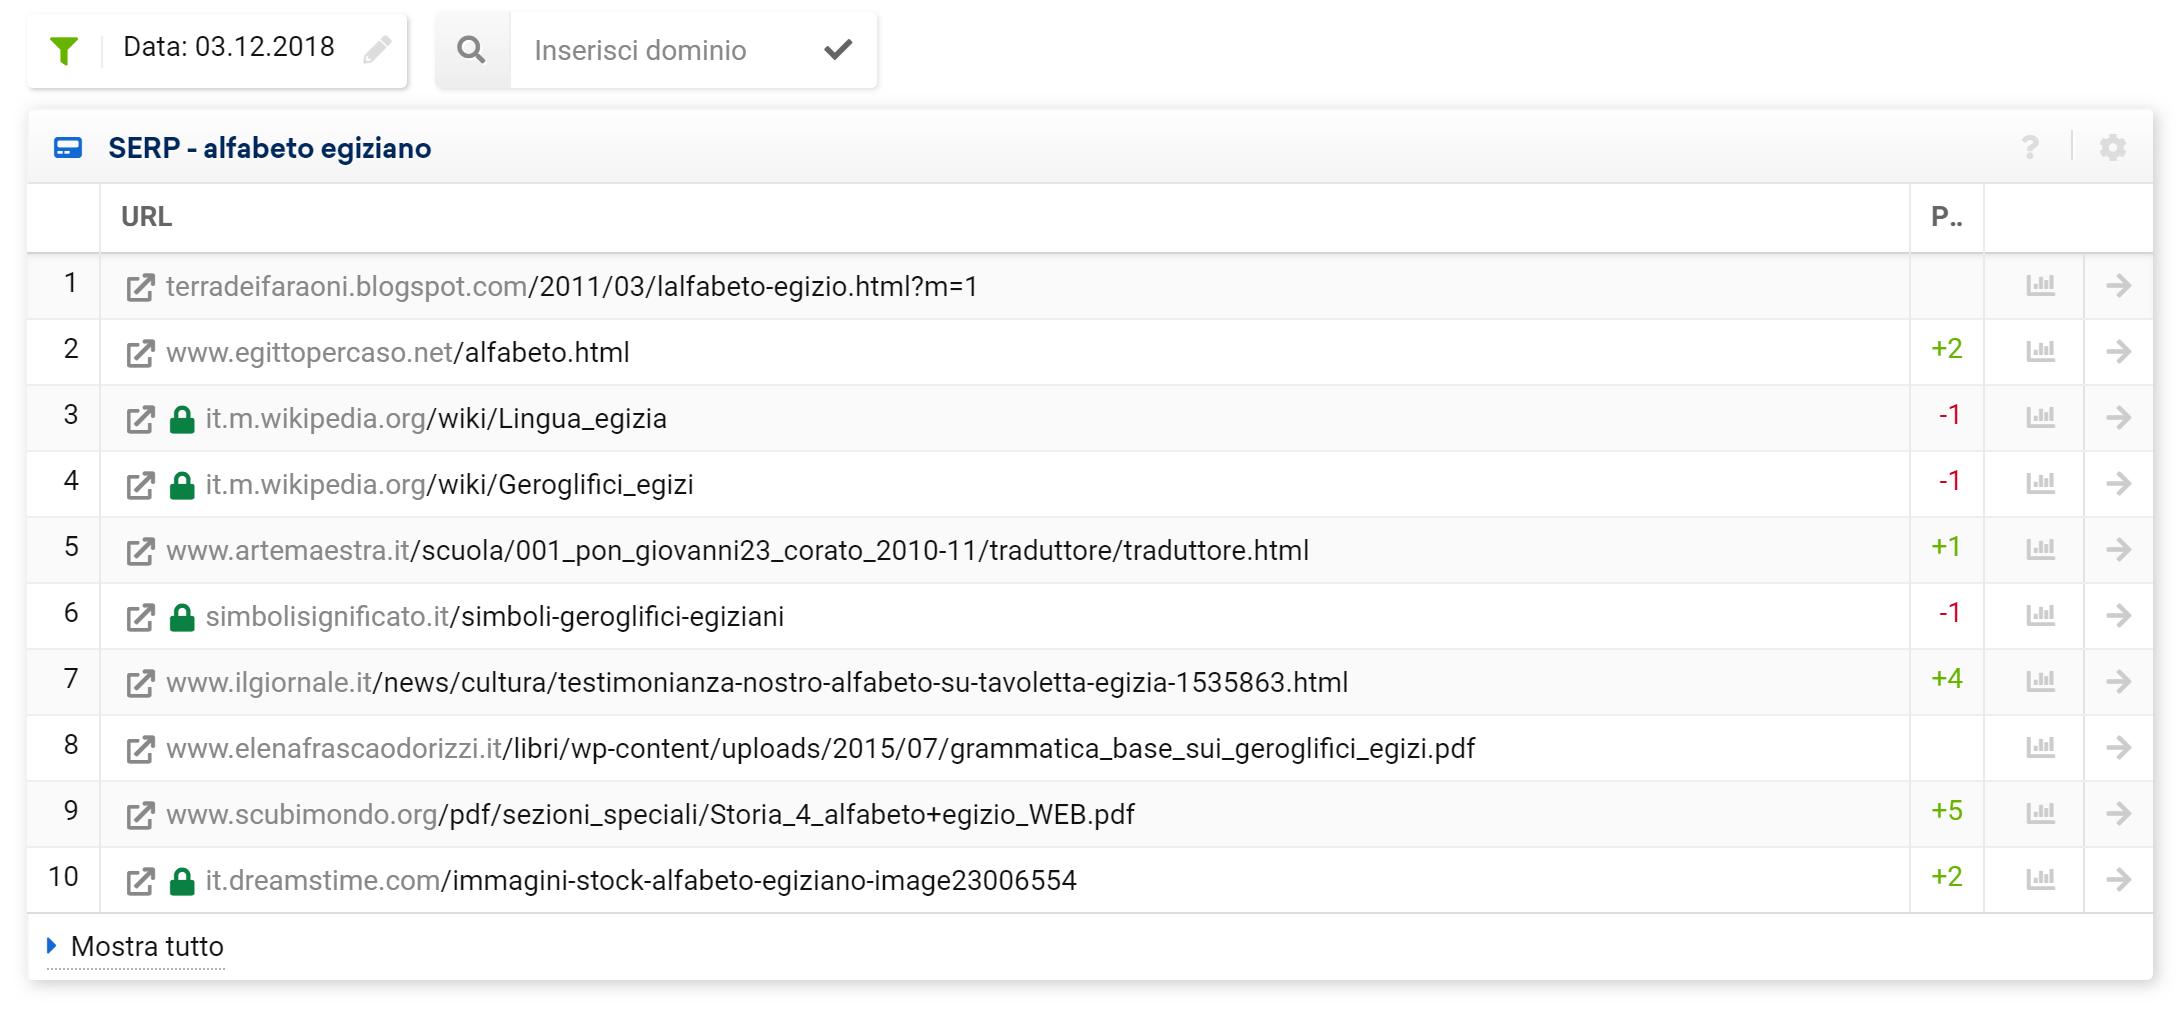 """SERP per la keyword """"alfabeto egiziano"""" nel 2018"""